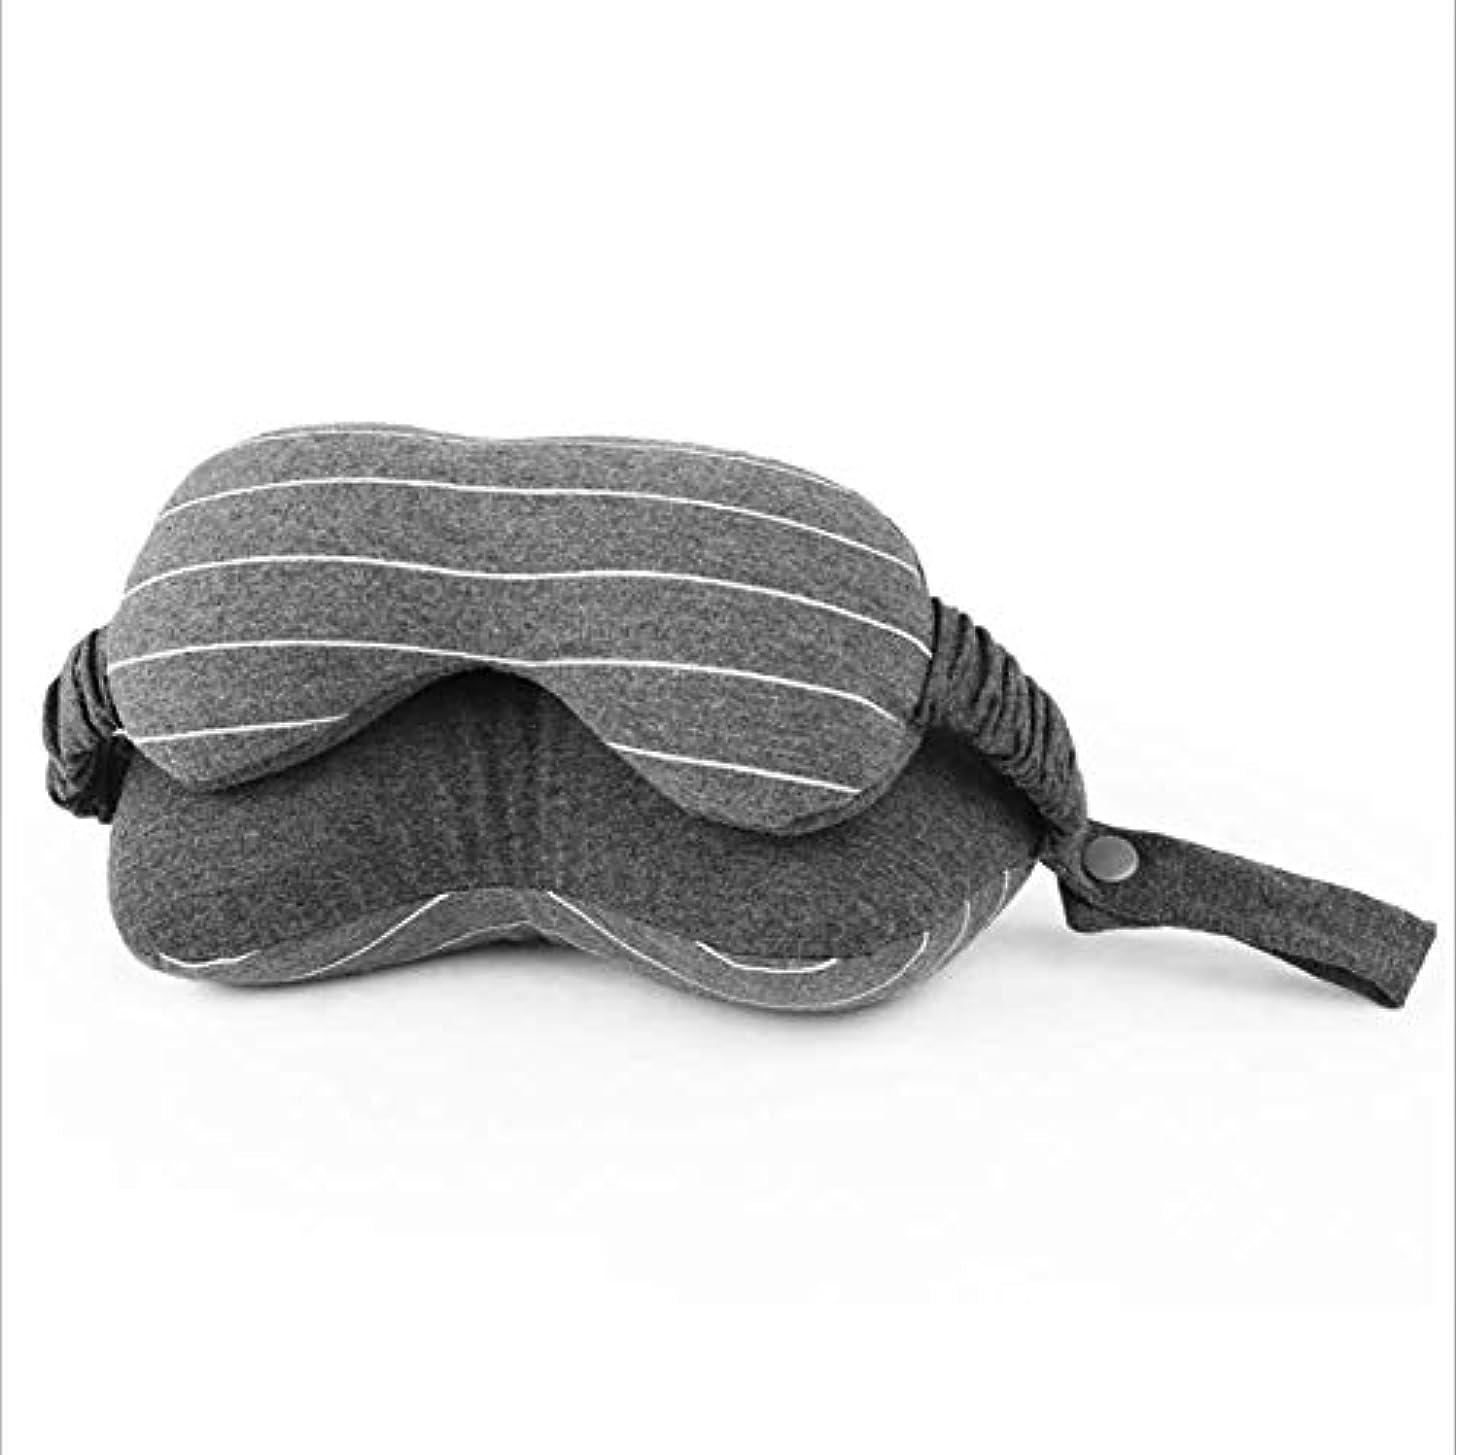 メダリスト形成法律によりアイマスクの枕旅行の睡眠に適していますストレスリリーフユニセックスフルシェーディングソフトで快適な調節可能睡眠に役立ちます